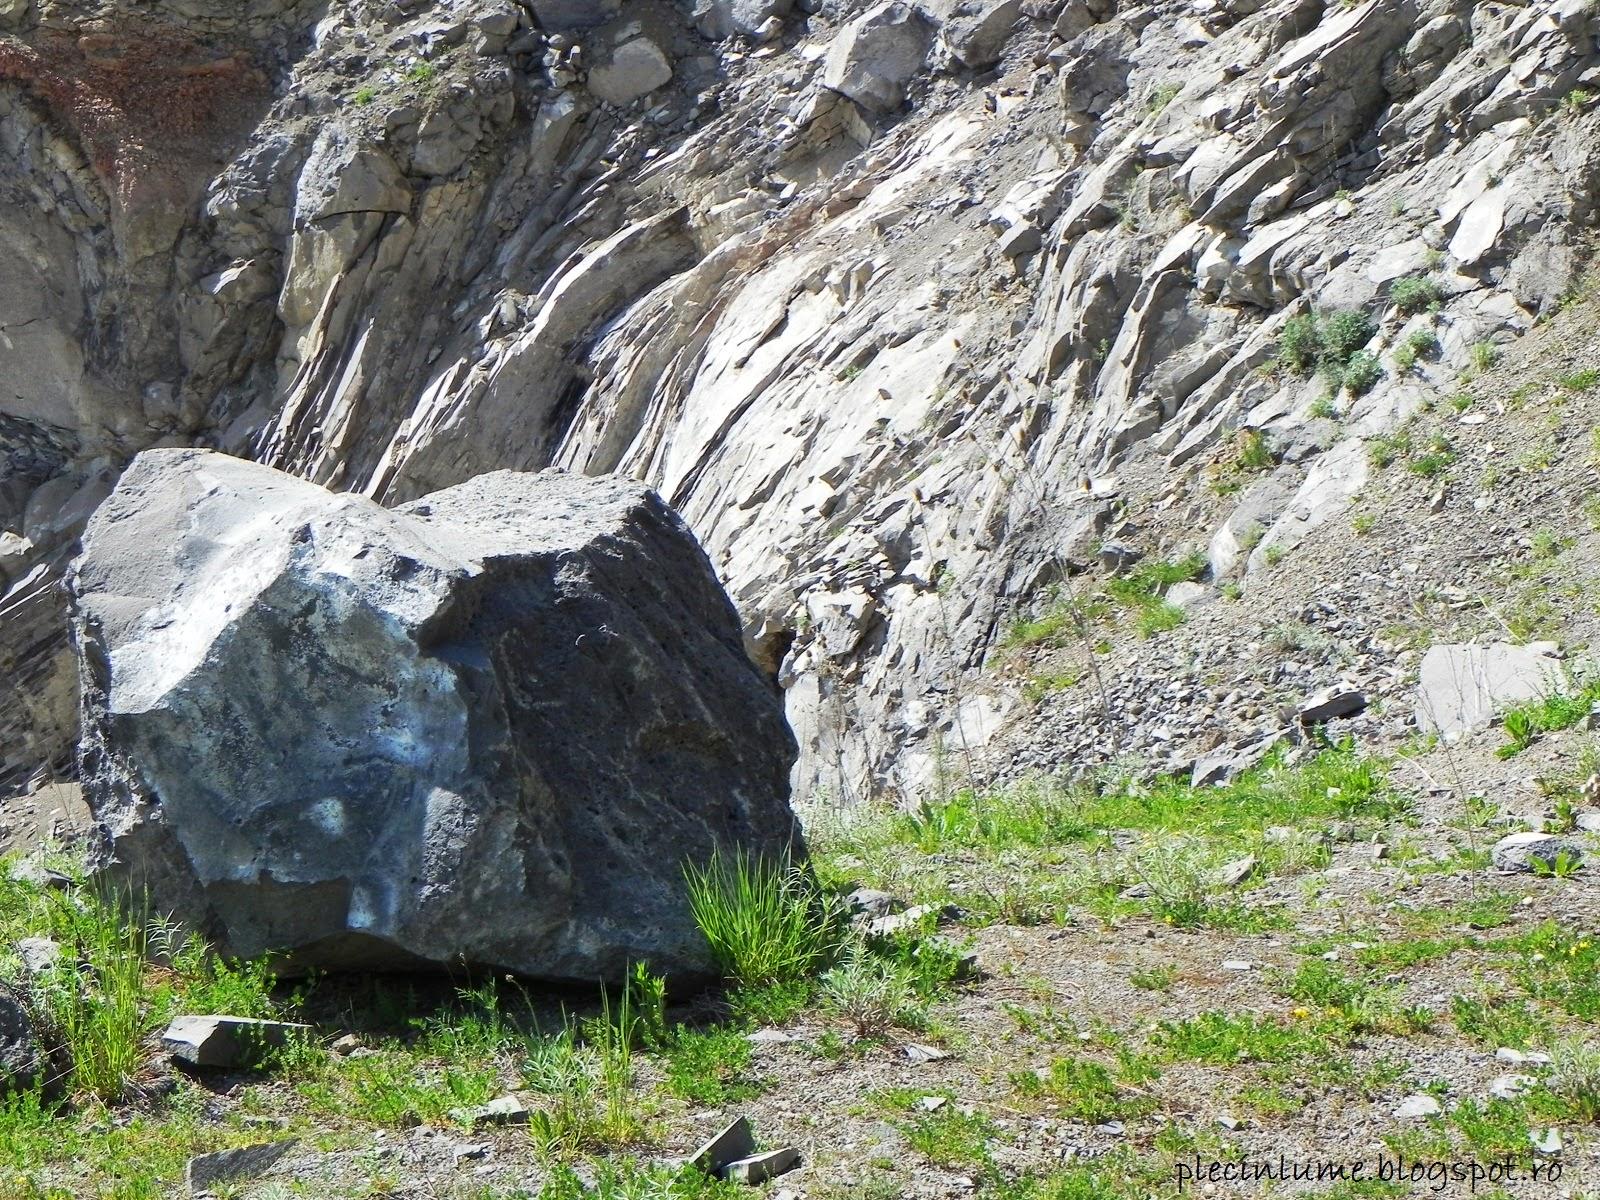 Roci de bazalt in cariera